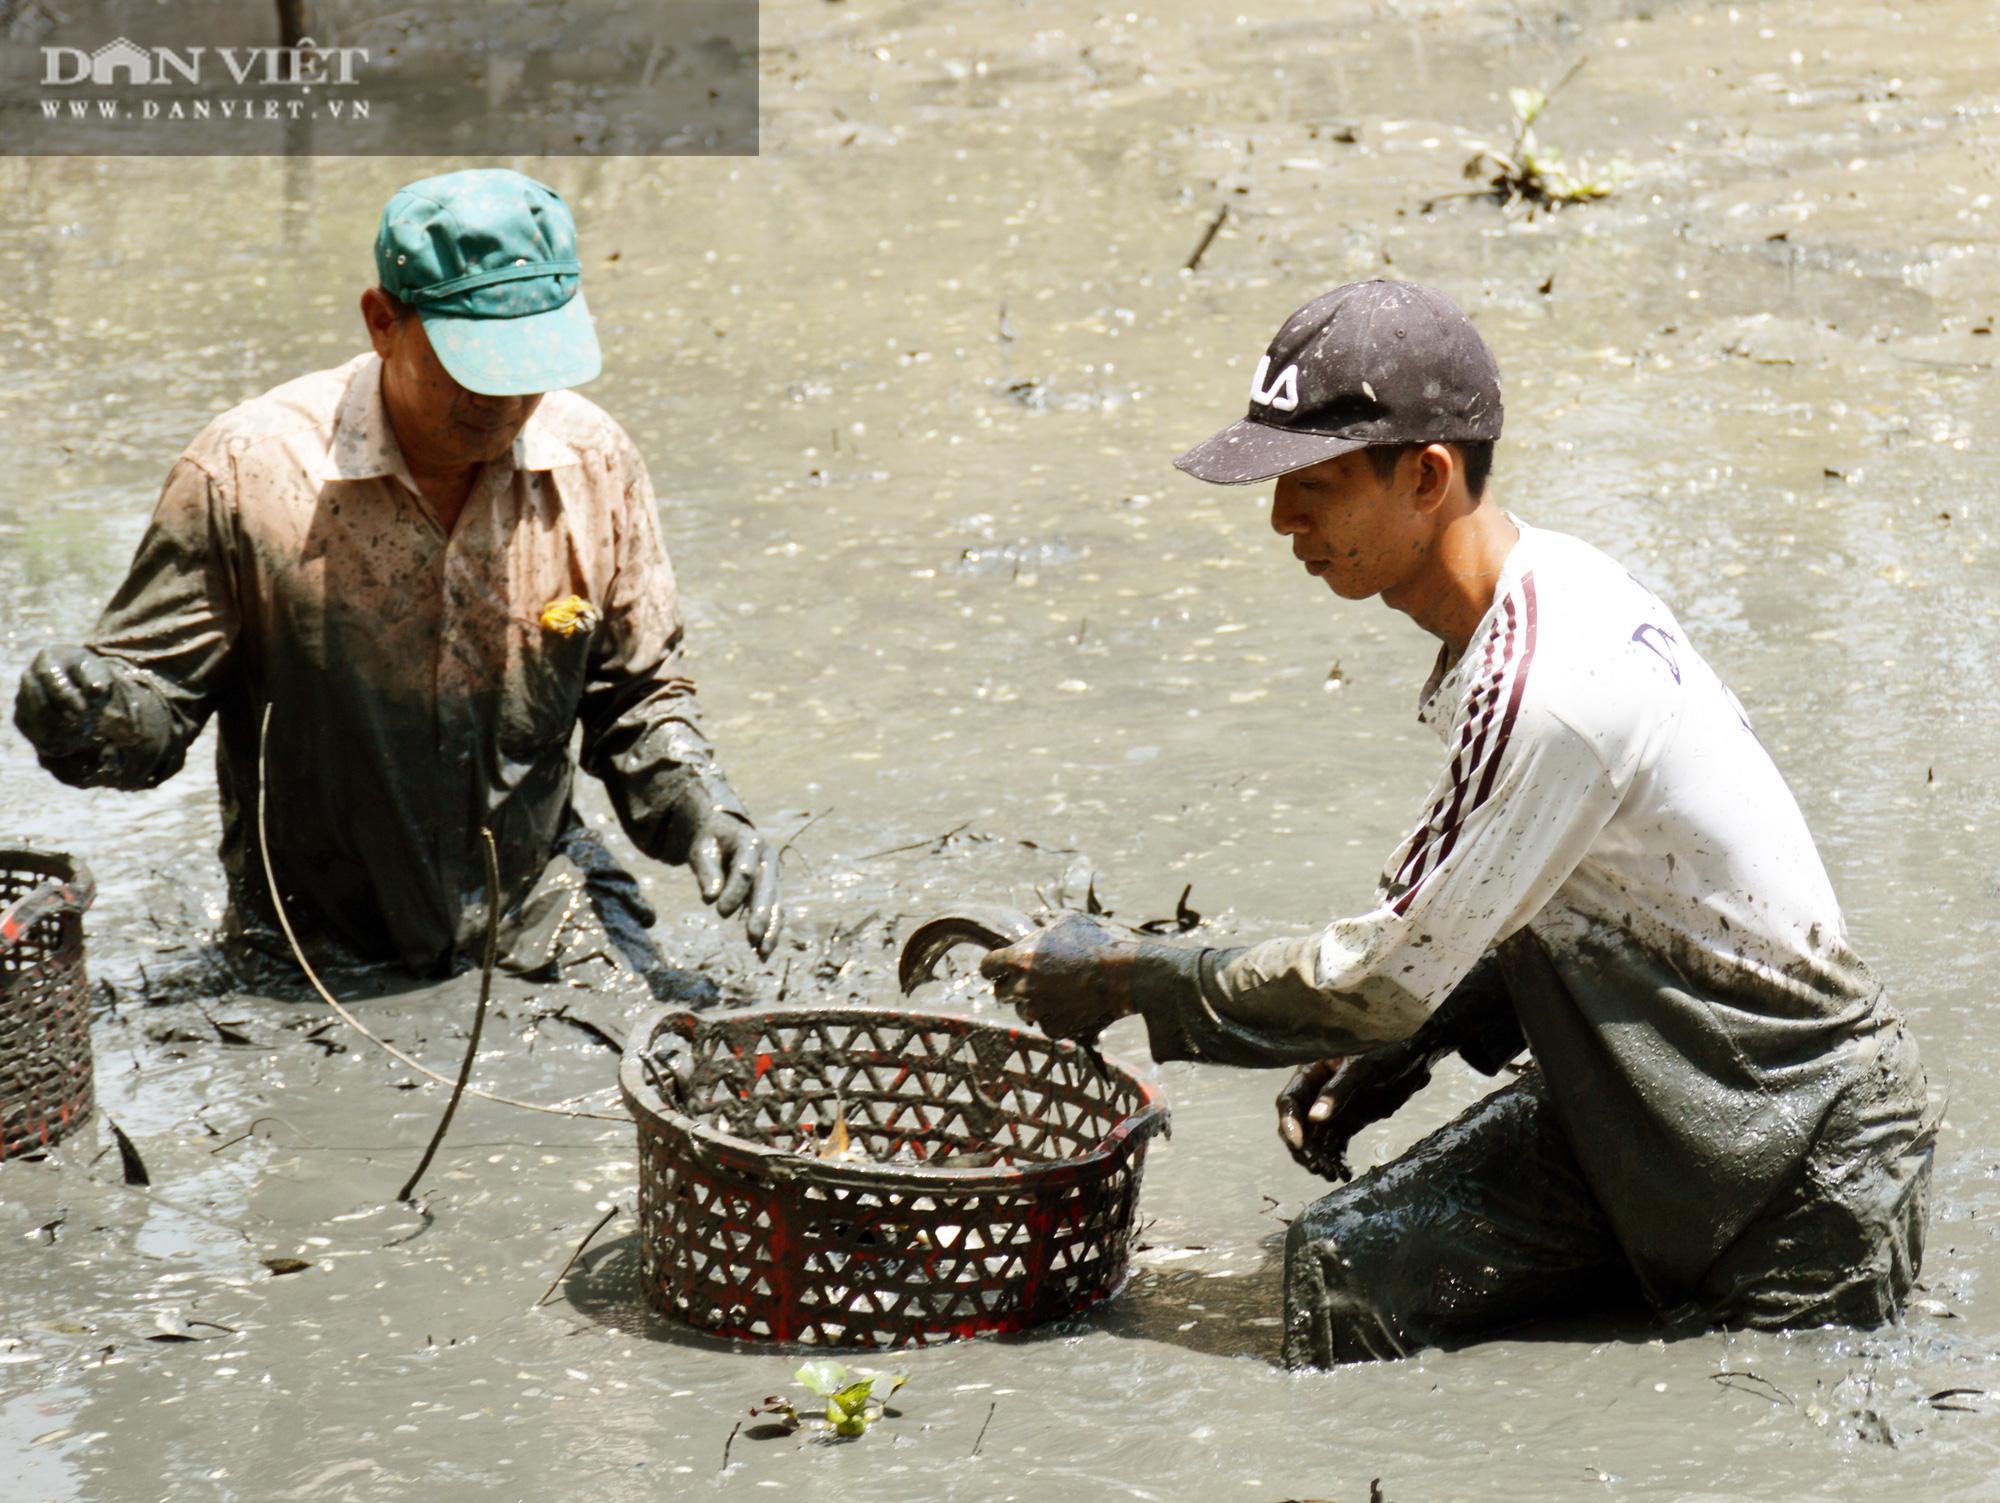 Về Cà Mau tát đìa bắt cá đồng to bự mang nướng than giữa đồng - Ảnh 4.